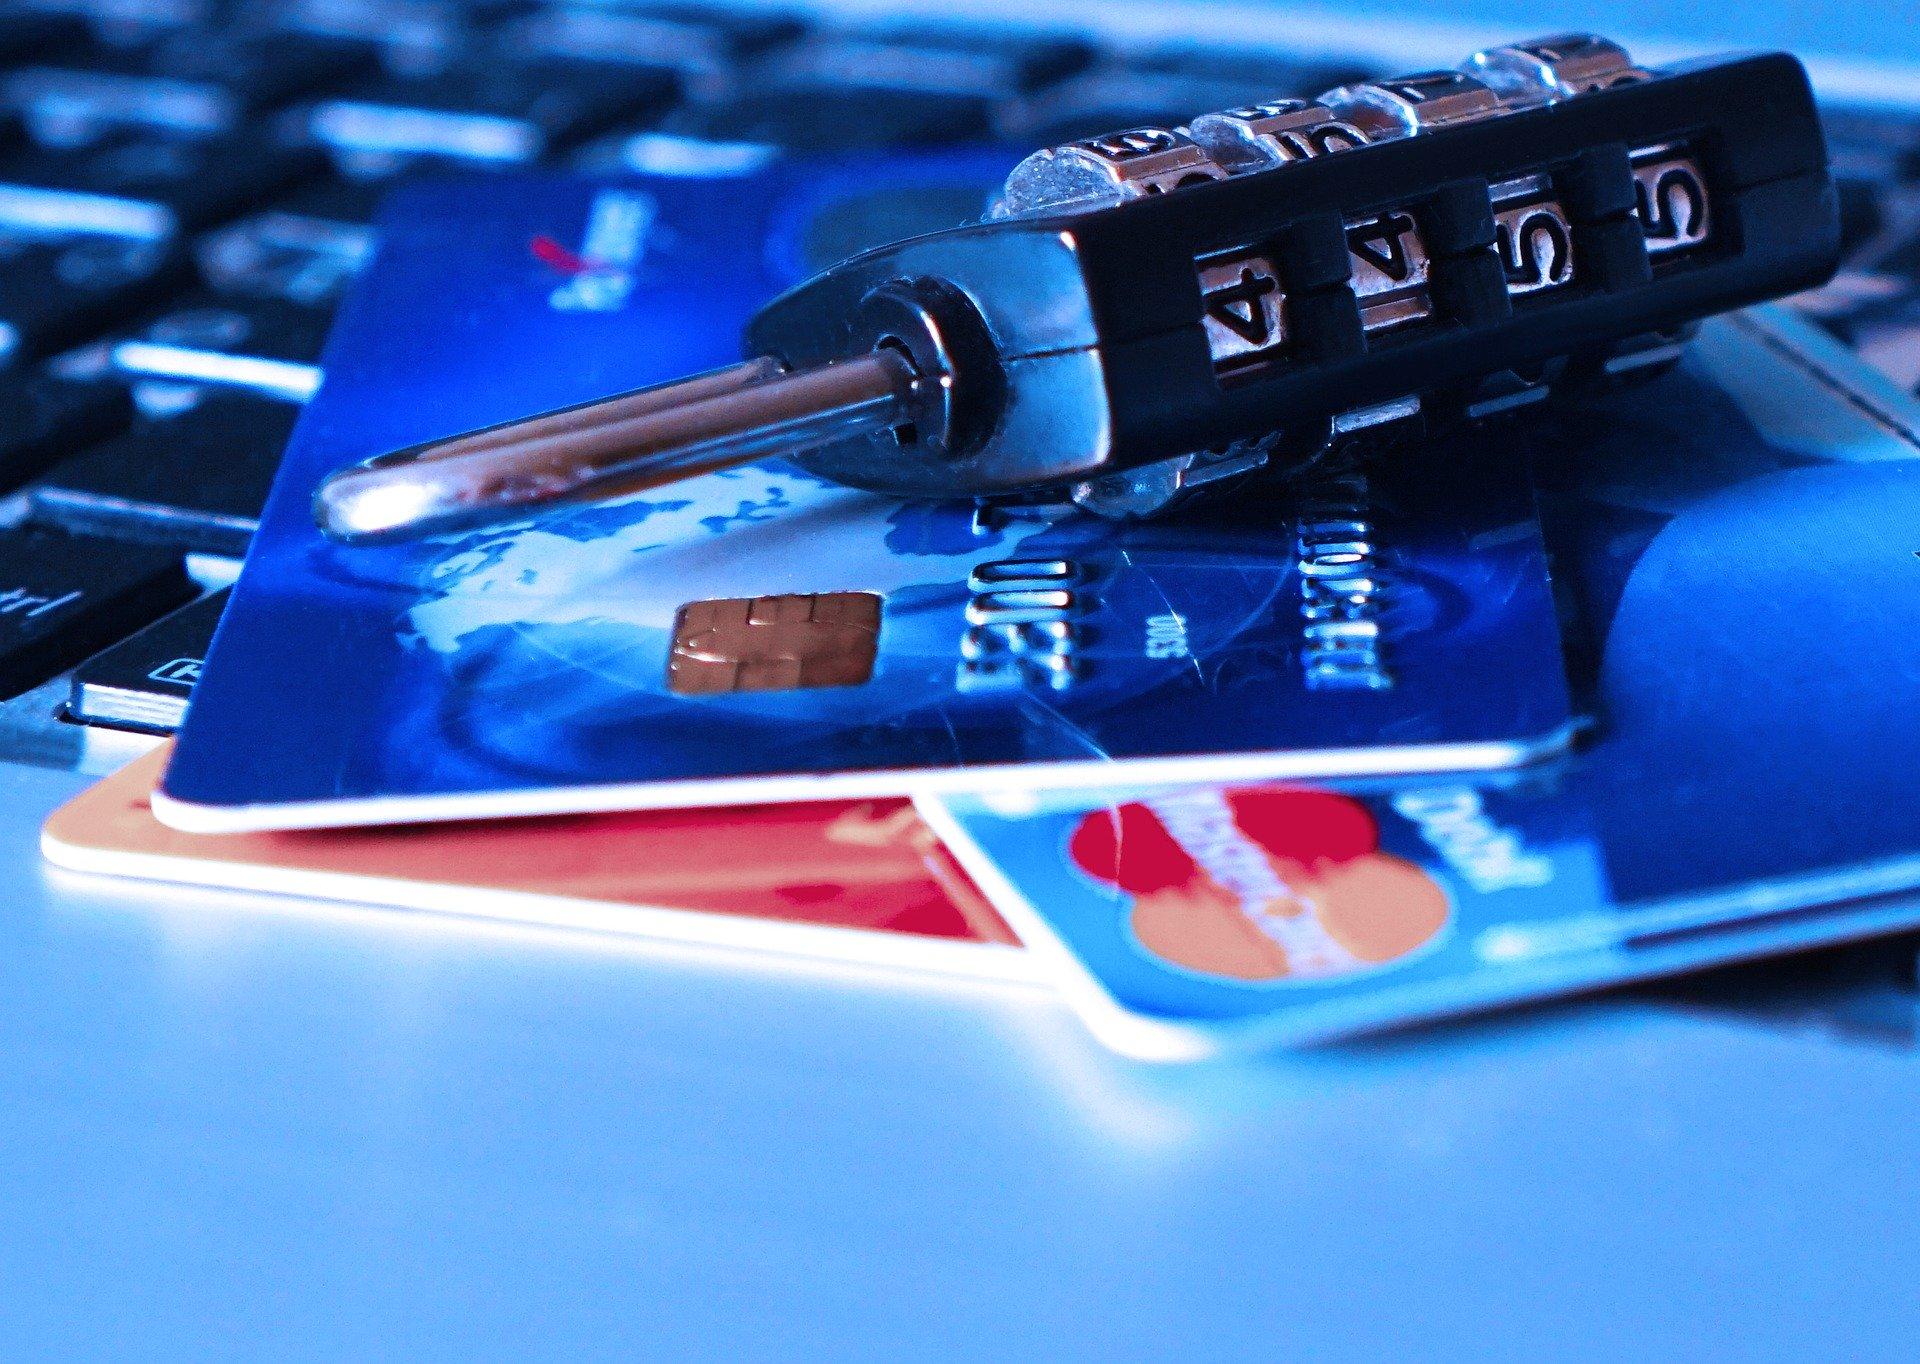 IMAGEM: Com 'open banking', que começa hoje, bancos poderão compartilhar dados de clientes